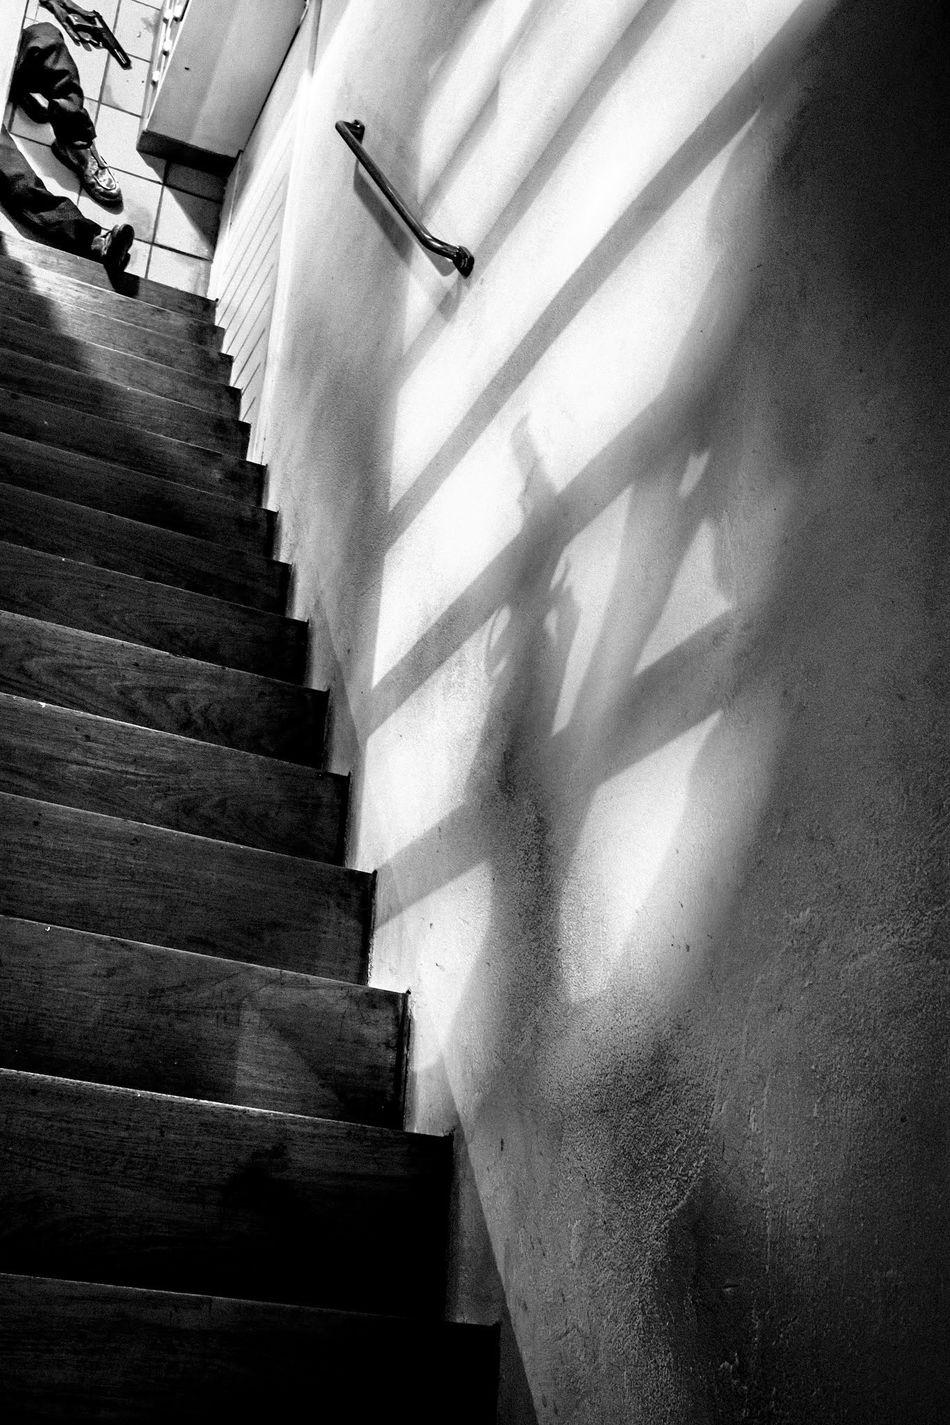 Blac&white  Murder Scenes Rodchenko Fatal Attraction